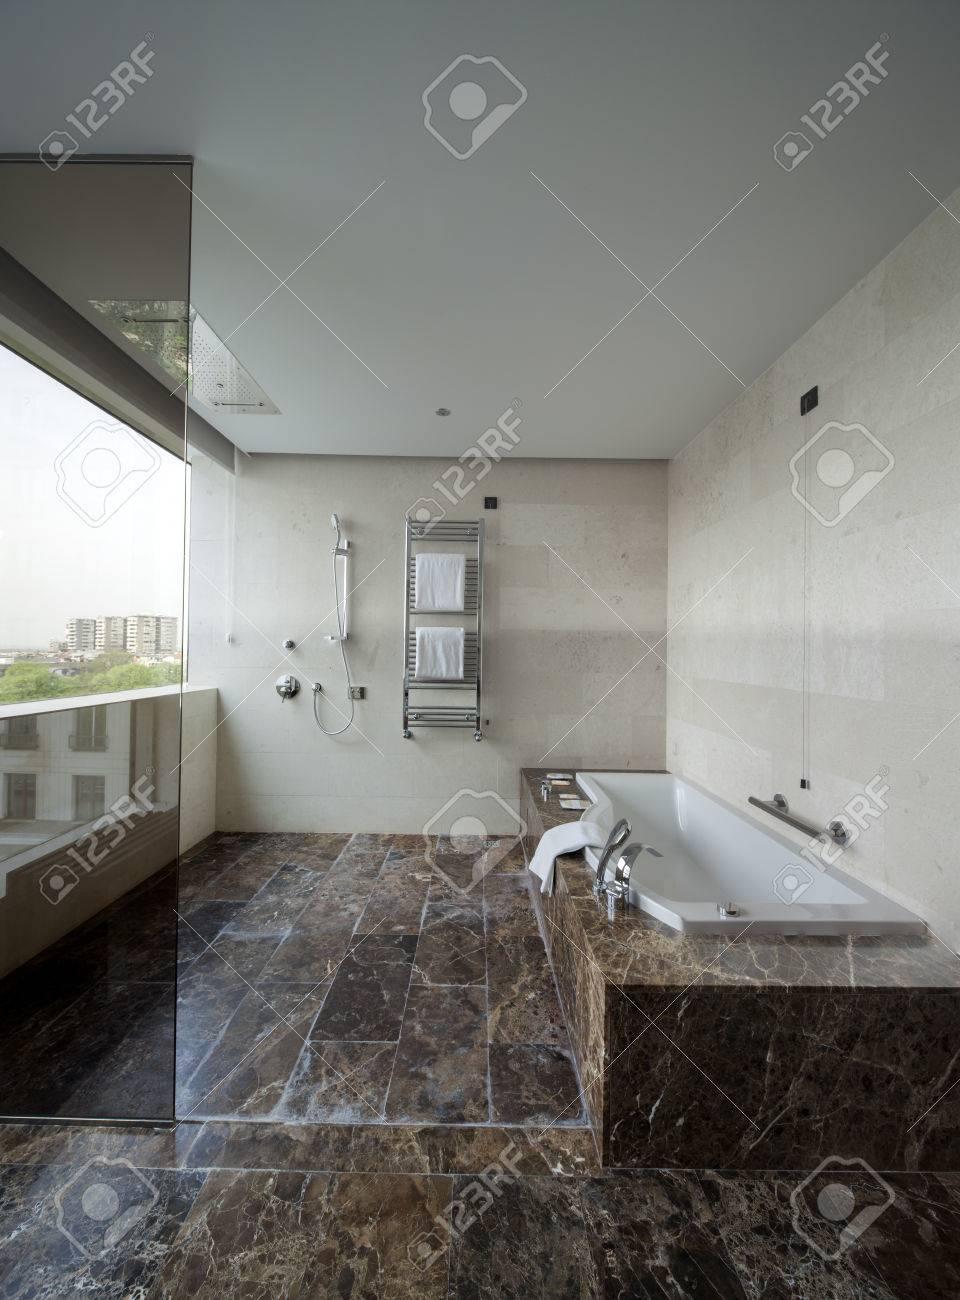 Favorit Moderne Badezimmer Interieur Mit Doppel-Waschbecken Und Große FV25